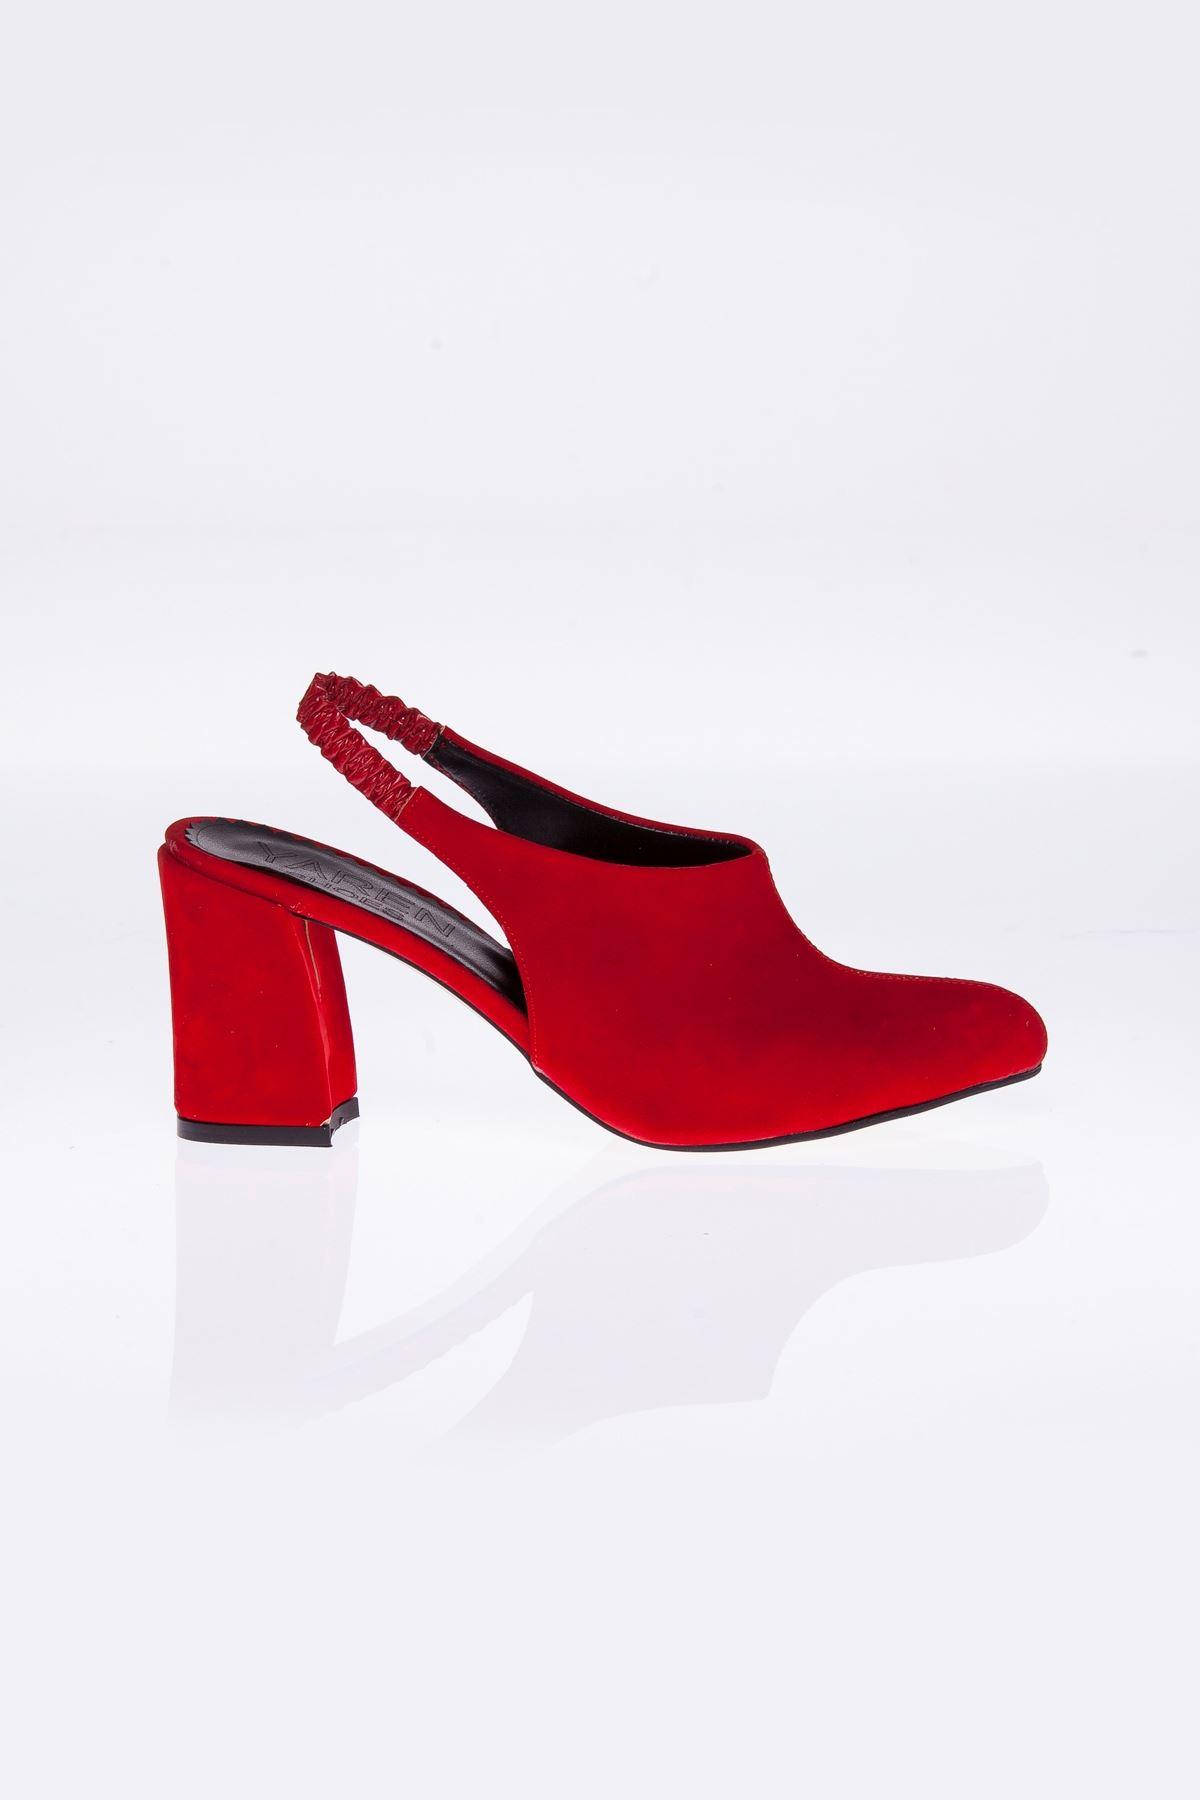 Bonita Kırmızı Süet Topuklu Kadın Ayakkabı